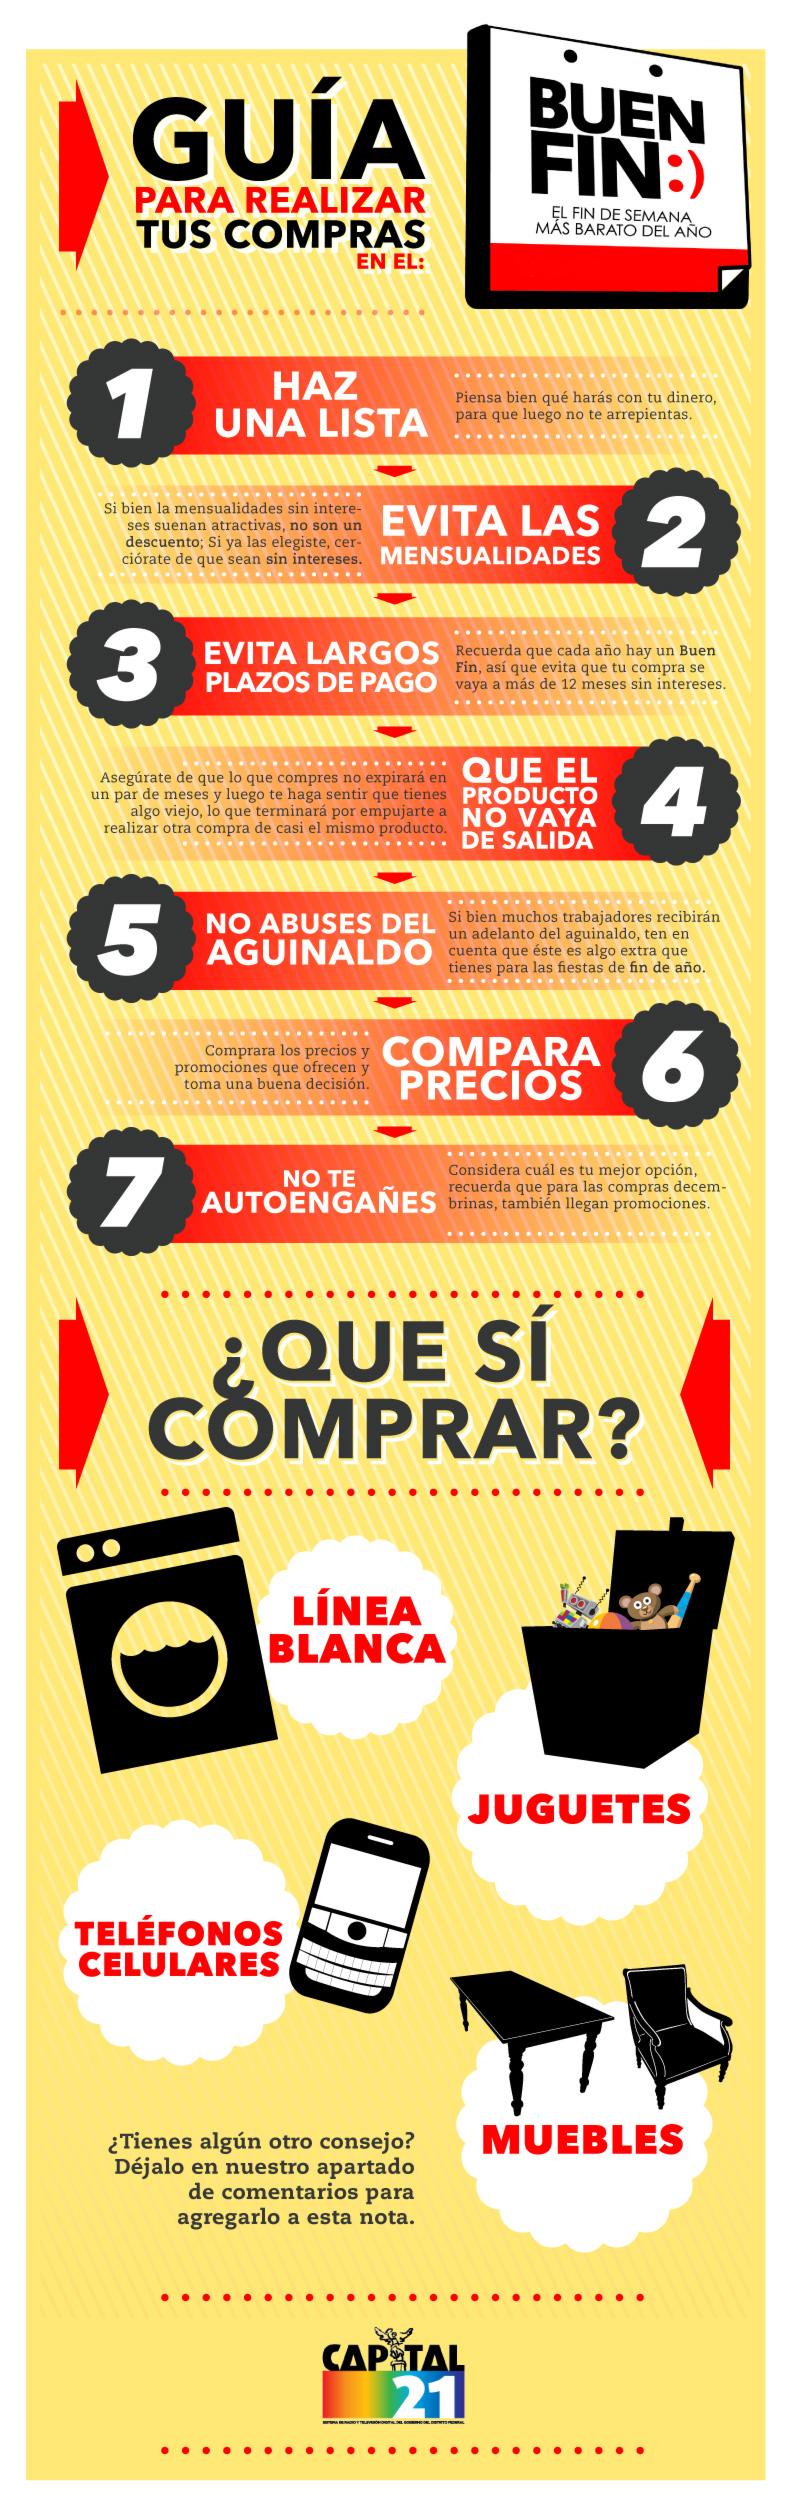 Guía para comprar el el Buen Fin (México)